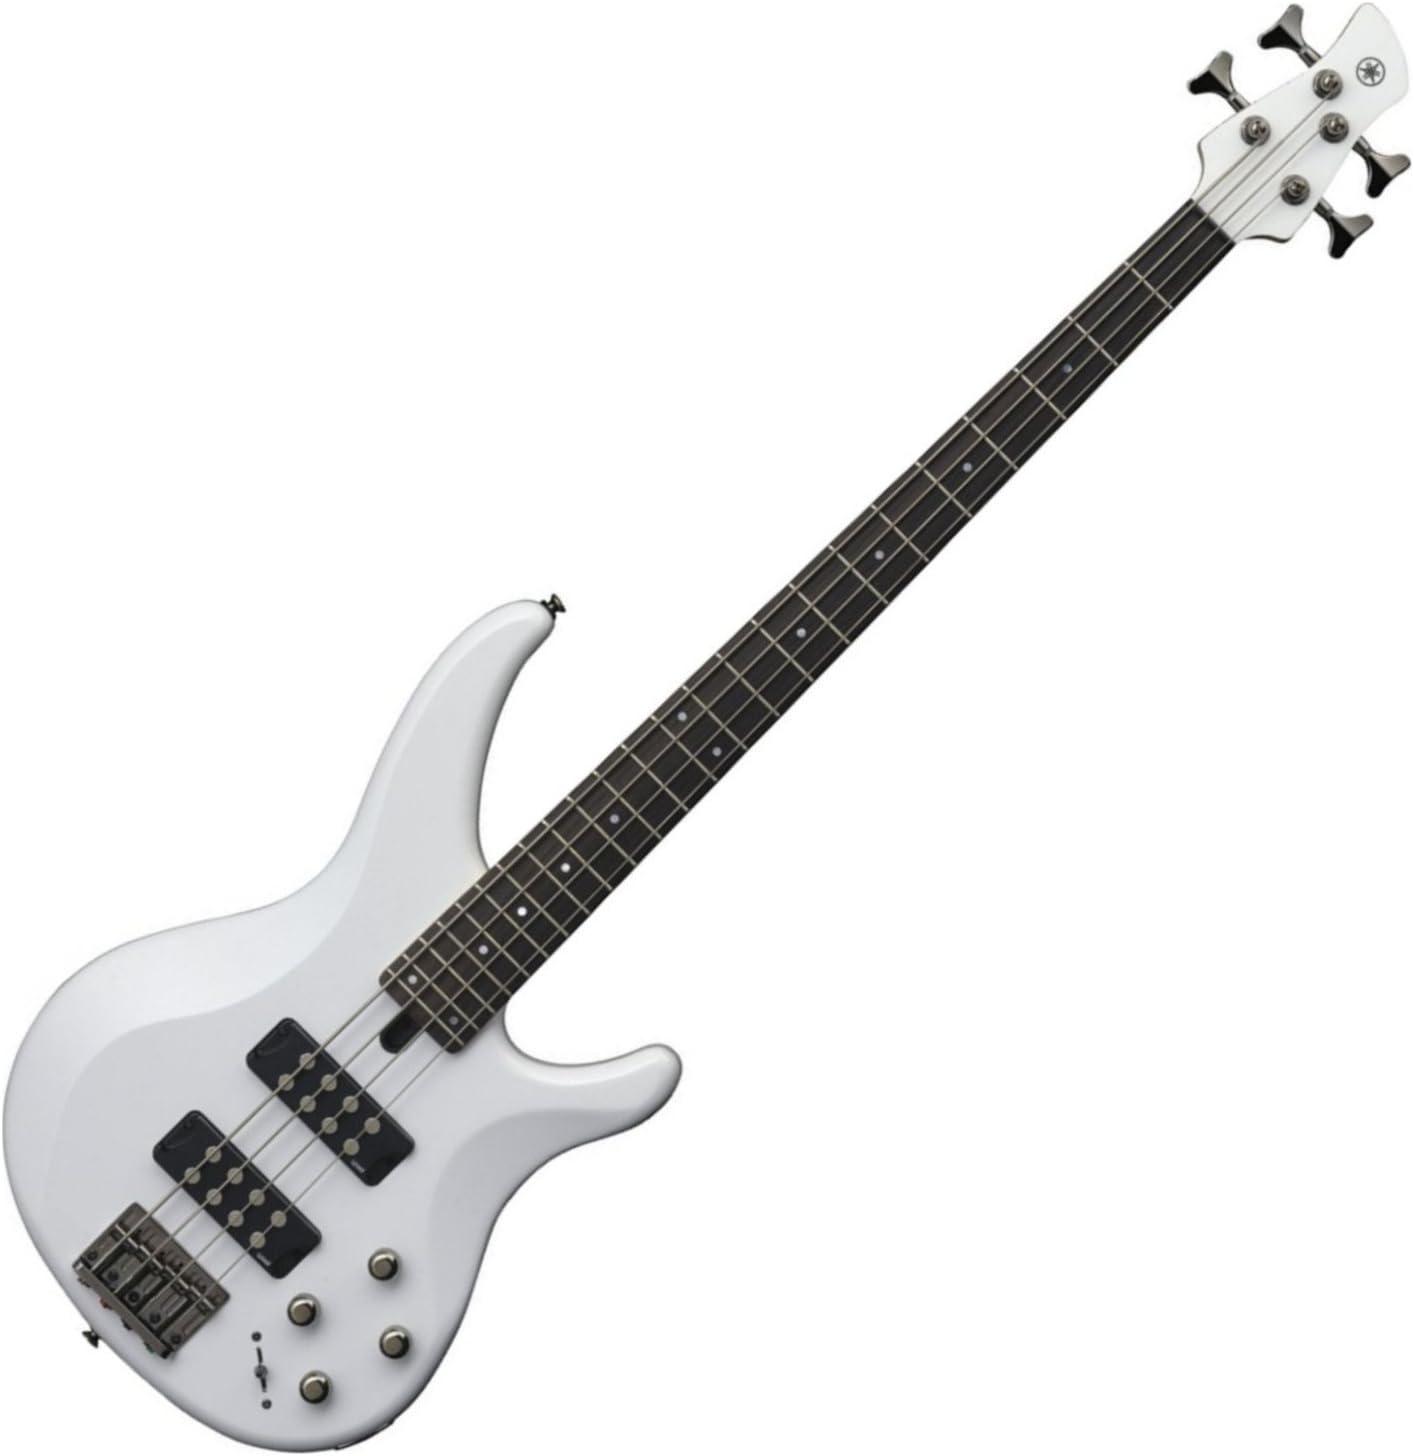 Yamaha TRBX304 WH TRBX-304 White 4 String Bass Guitar w/Gig Bag and Stand 71d6t33JFbLSL1500_